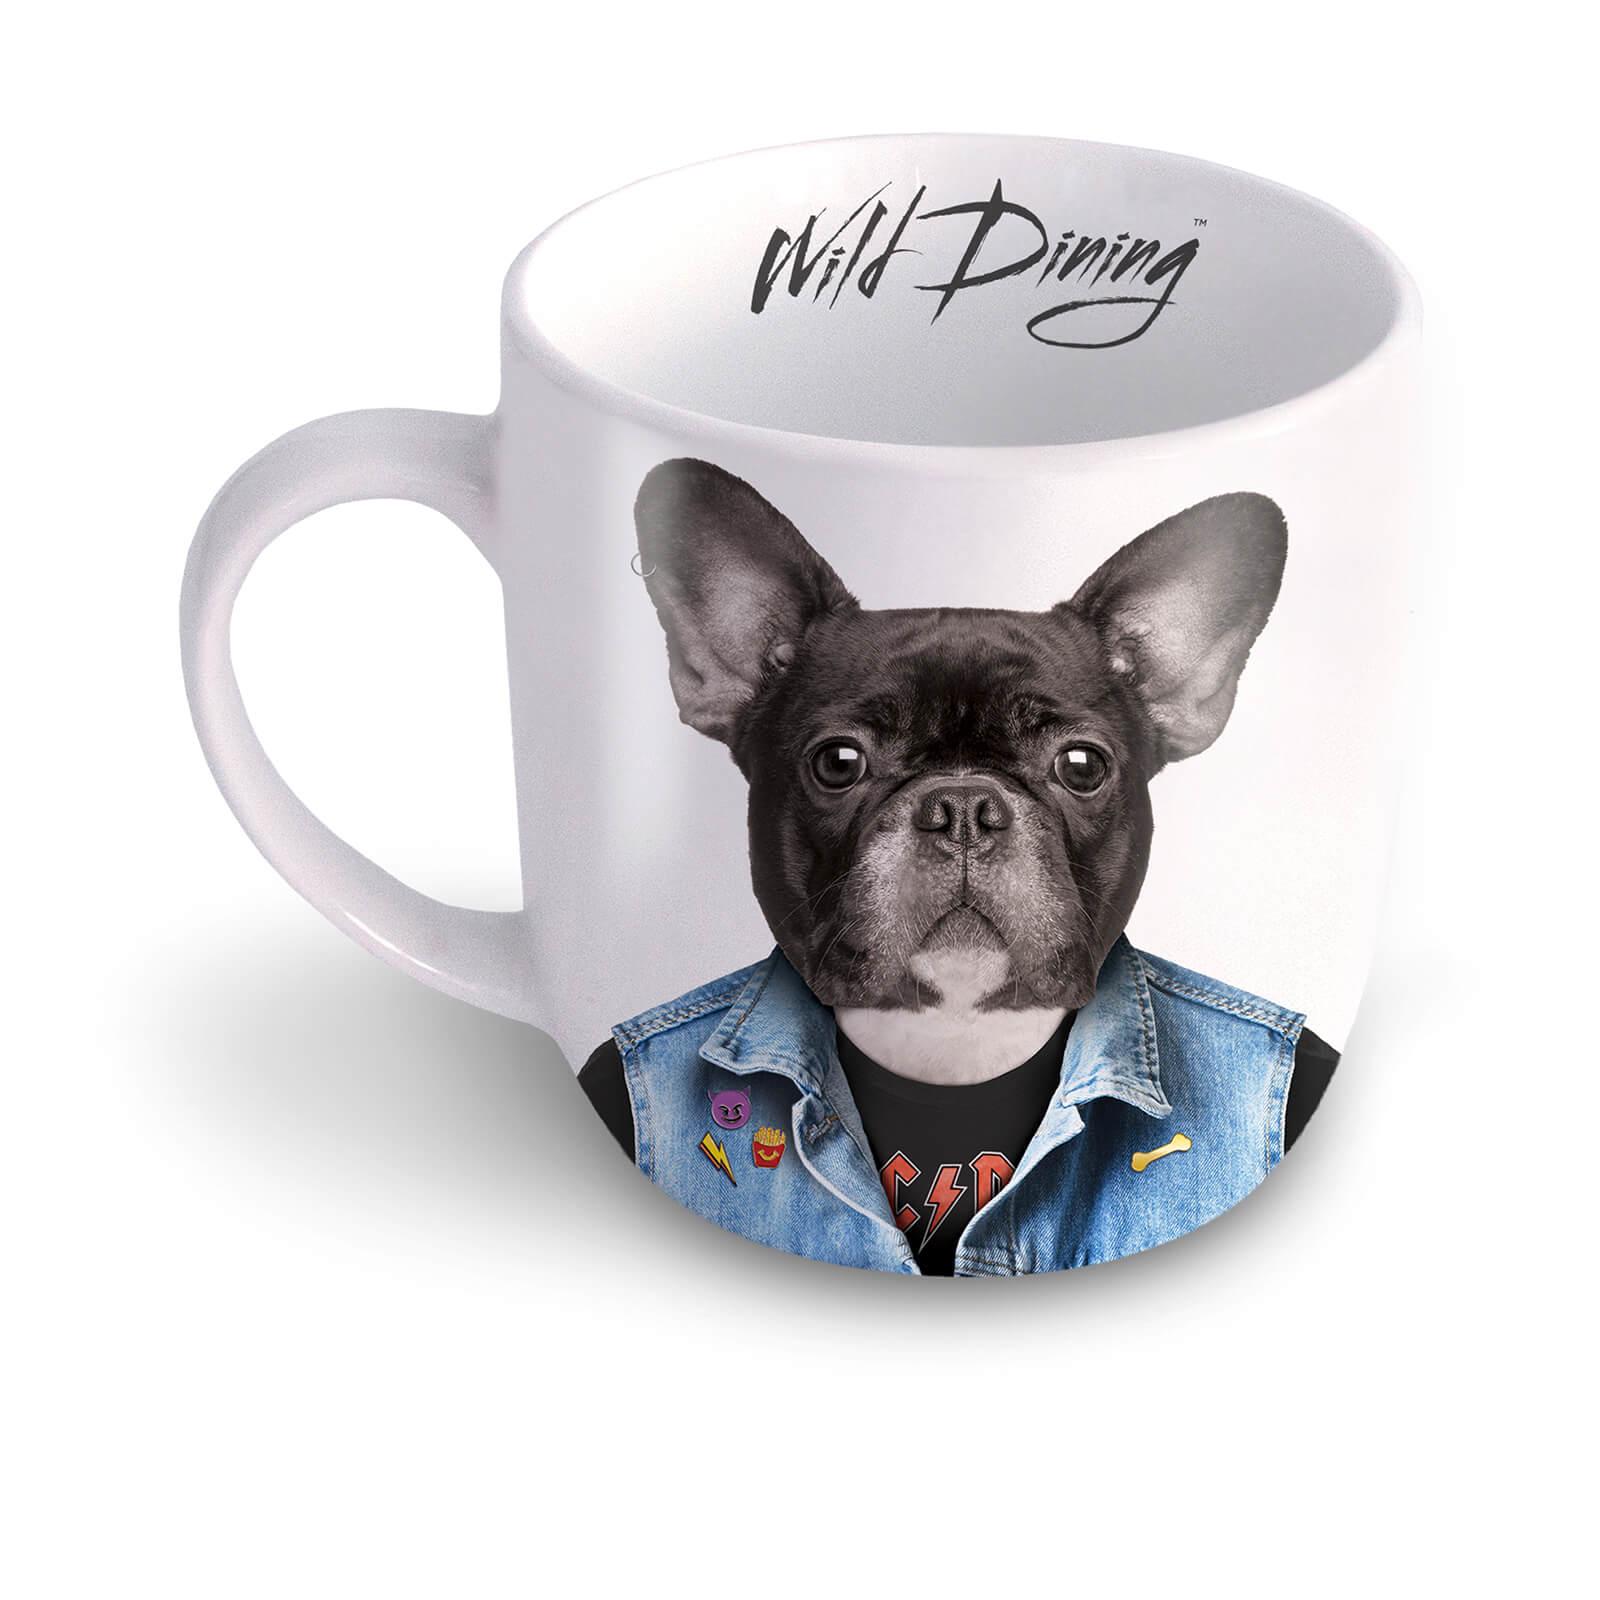 Mustard Wild Dining Dylan Dog Mug